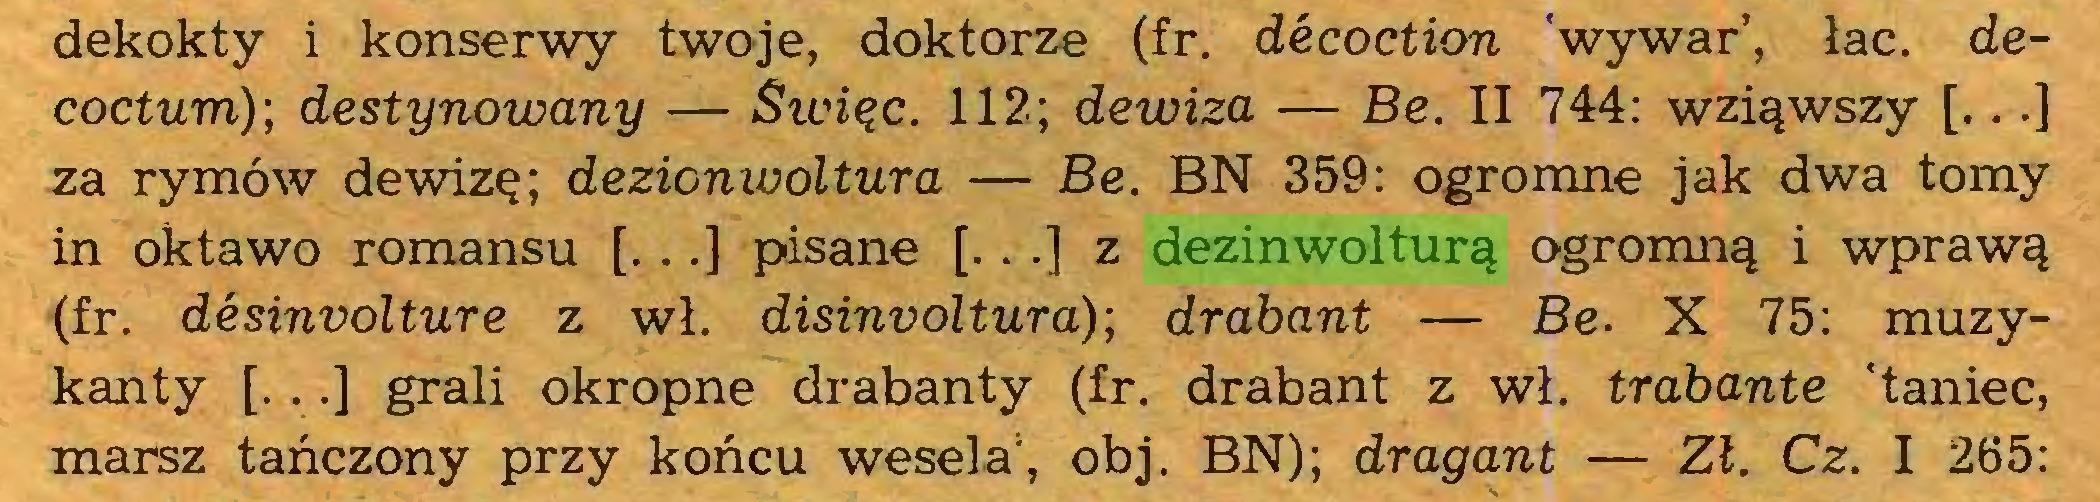 (...) dekokty i konserwy twoje, doktorze (fr. décoction wywar', łac. decoctum); destynowany — Swiąc. 112; dewiza — Be. II 744: wziąwszy [...] za rymów dewizę; dezionwoltura — Be. BN 359: ogromne jak dwa tomy in oktawo romansu [. ..] pisane [. . .] z dezinwolturą ogromną i wprawą (fr. désinvolture z wł. disinvoltura); drabant — Be. X 75: muzykanty [...] grali okropne drabanty (fr. drabant z wł. trabante 'taniec, marsz tańczony przy końcu wesela1, obj. BN); dragant — Zł. Cz. I 265:...